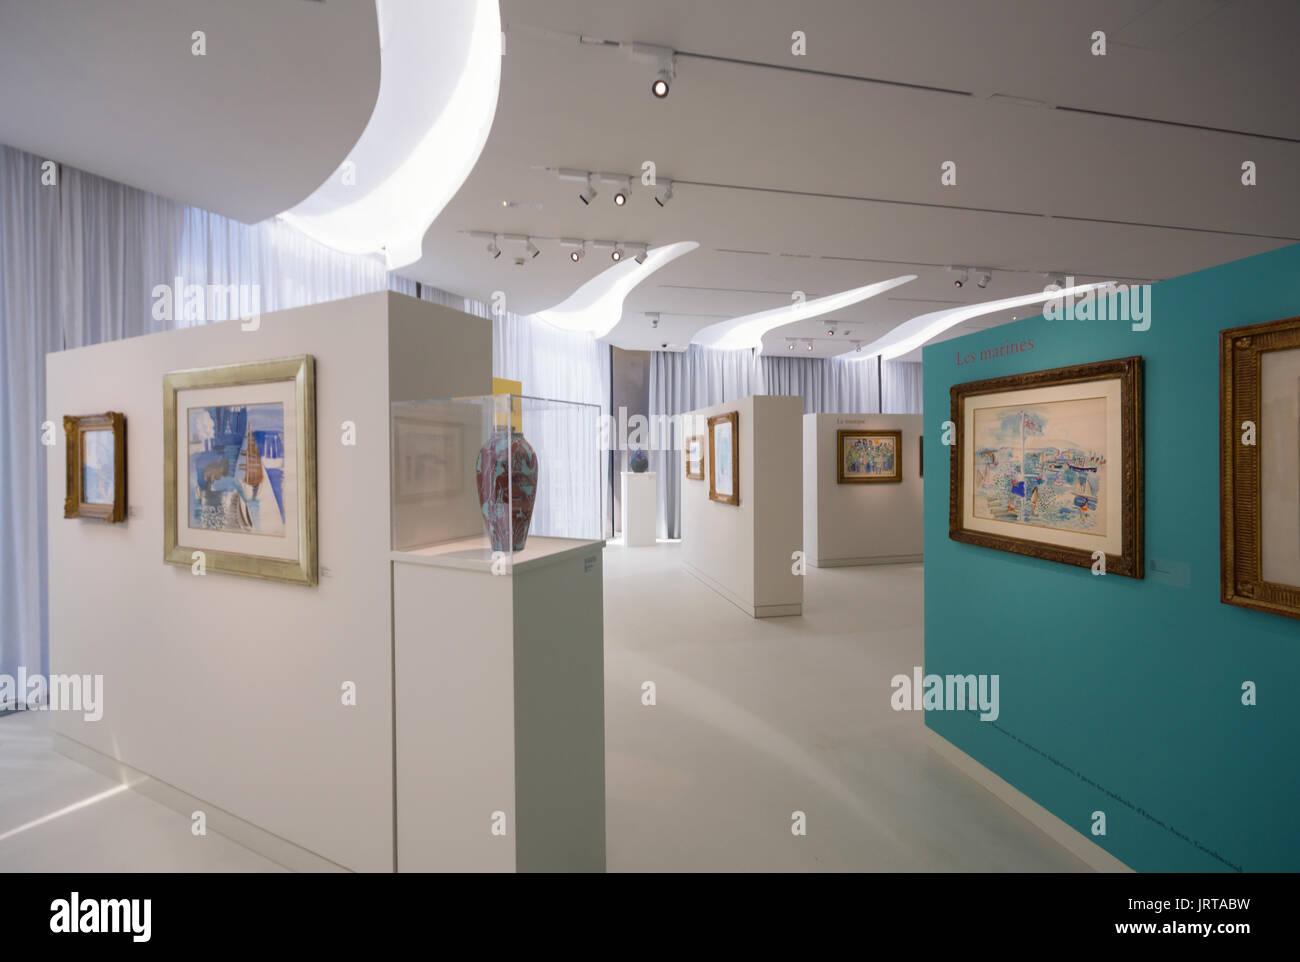 Jean Cocteau Museum, Menton, French Riviera: architect Rudy Ricciotti interior Raoul Dufy art exhibition1 Inexhibit - Stock Image